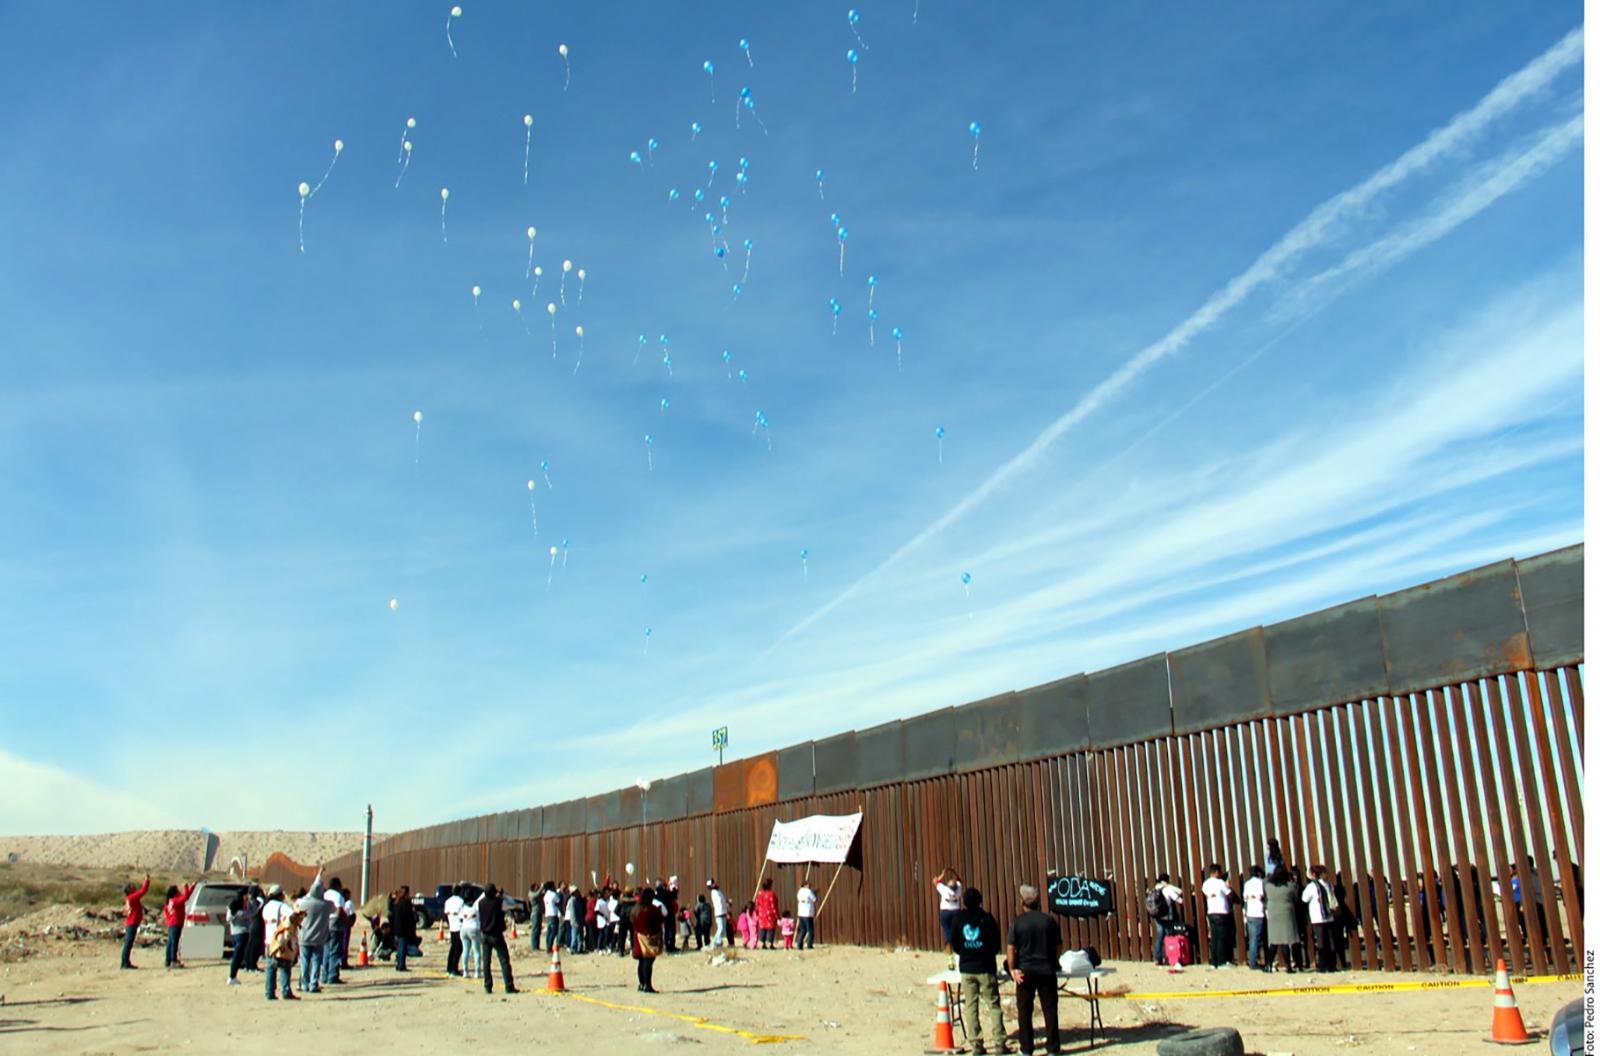 Insiste Trump; solicita al Congreso 18 mmdd para muro, informa WSJ